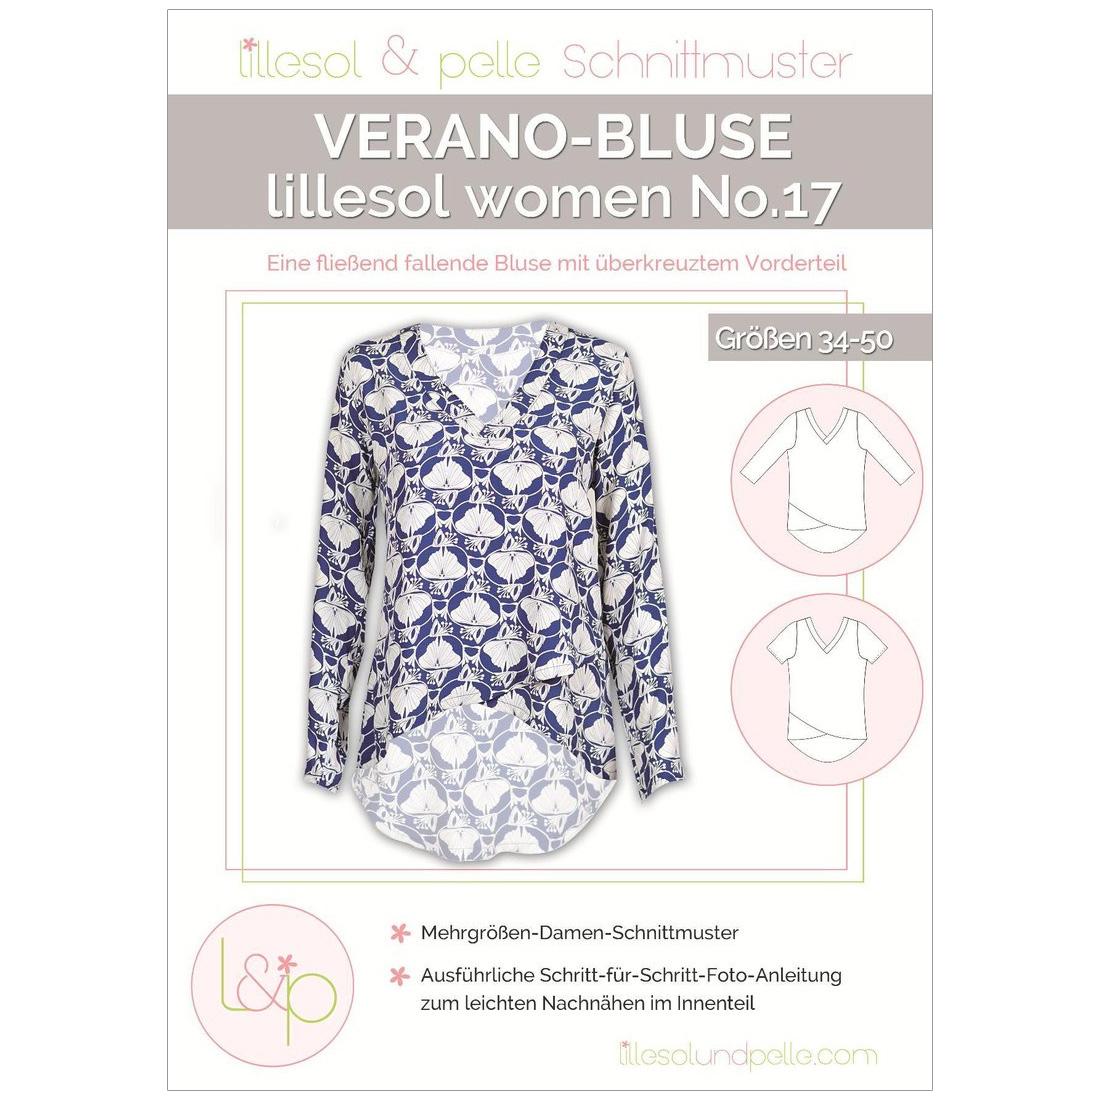 Lillesol Women Papierschnittmuster No.17 Verano-Bluse im nähPark kaufen